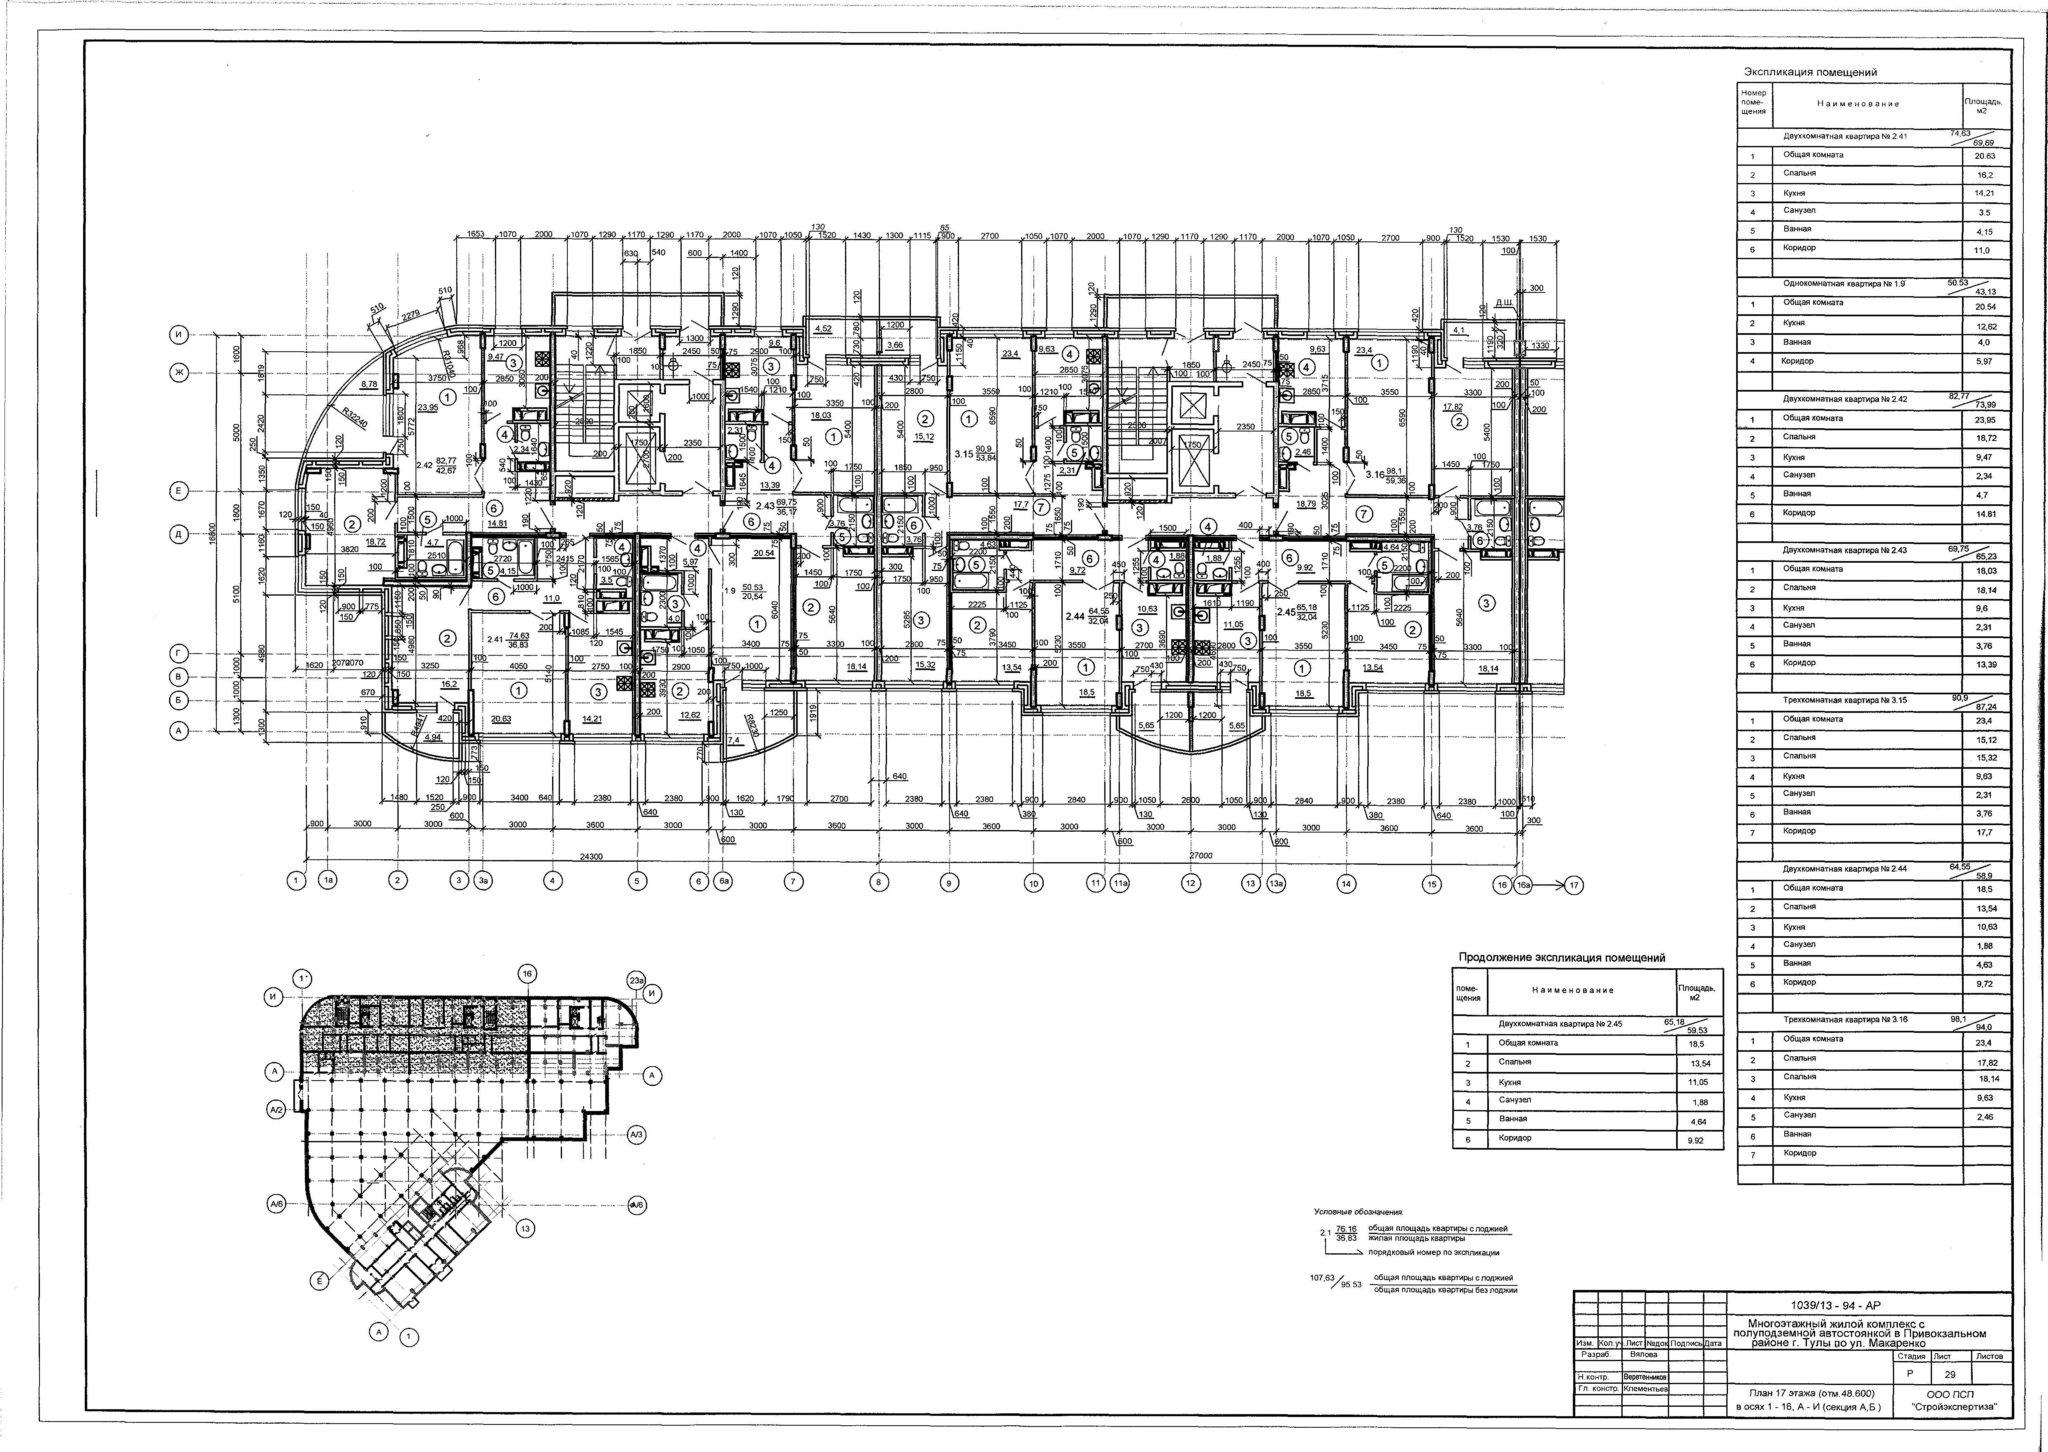 Пример поэтажного плана этажа многоквартирного дома